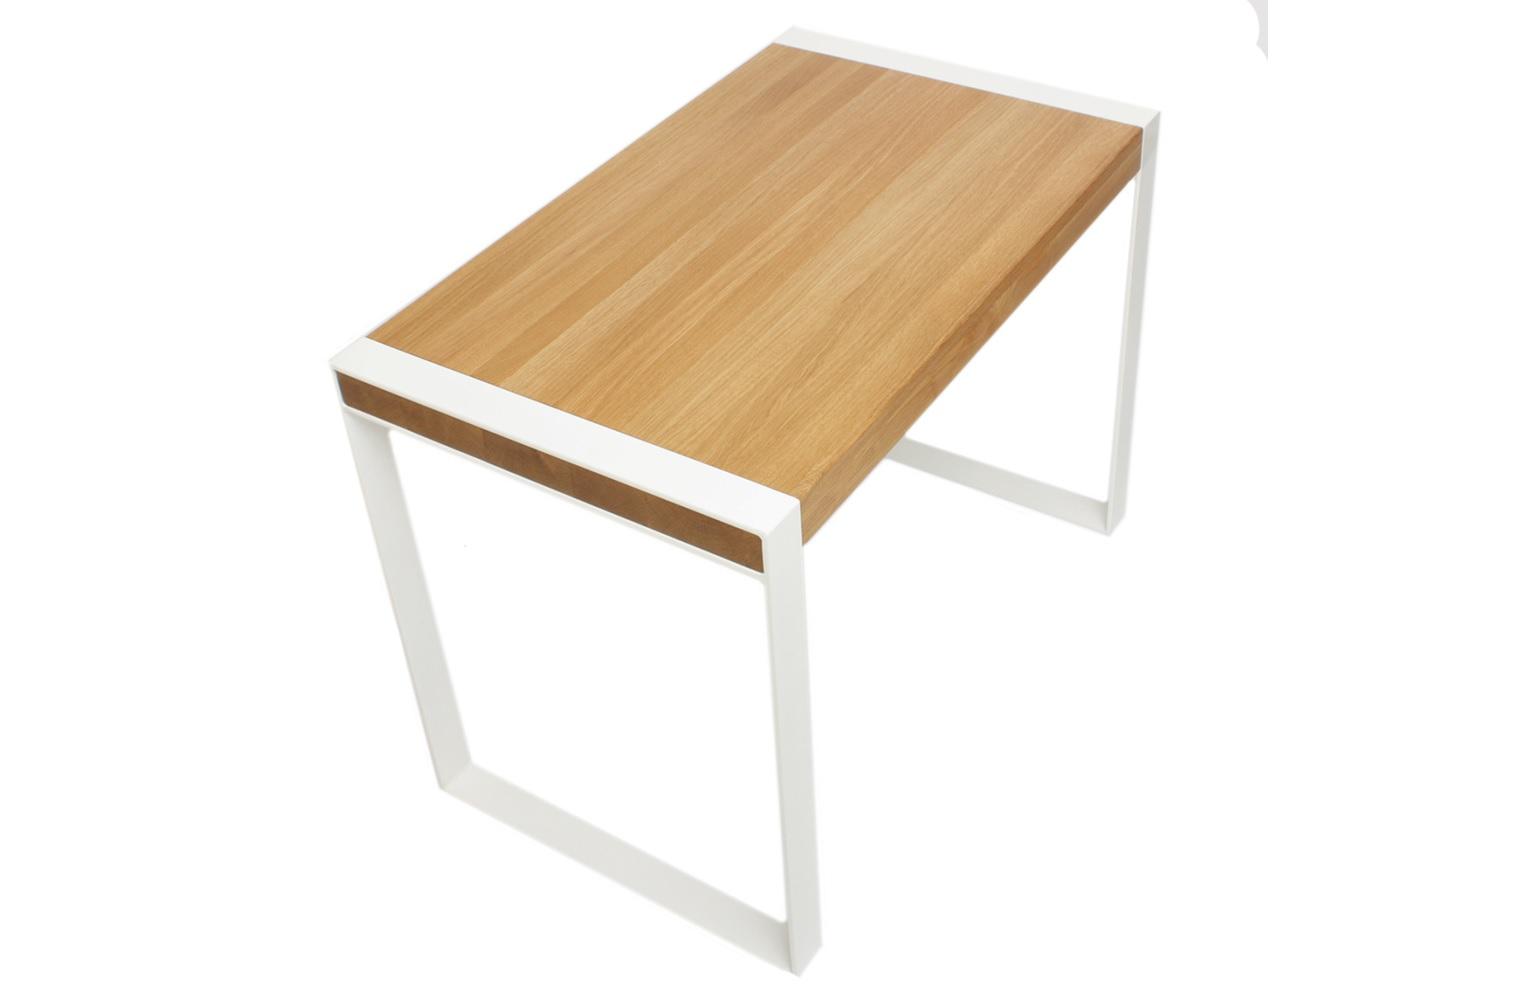 Стол ПаниусПисьменные столы<br>Массивная столешница из массива дуба на металлических ножках. Простой, надежный и современный стол.<br><br>Material: Дерево<br>Length см: None<br>Width см: 120<br>Depth см: 70<br>Height см: 75<br>Diameter см: 0